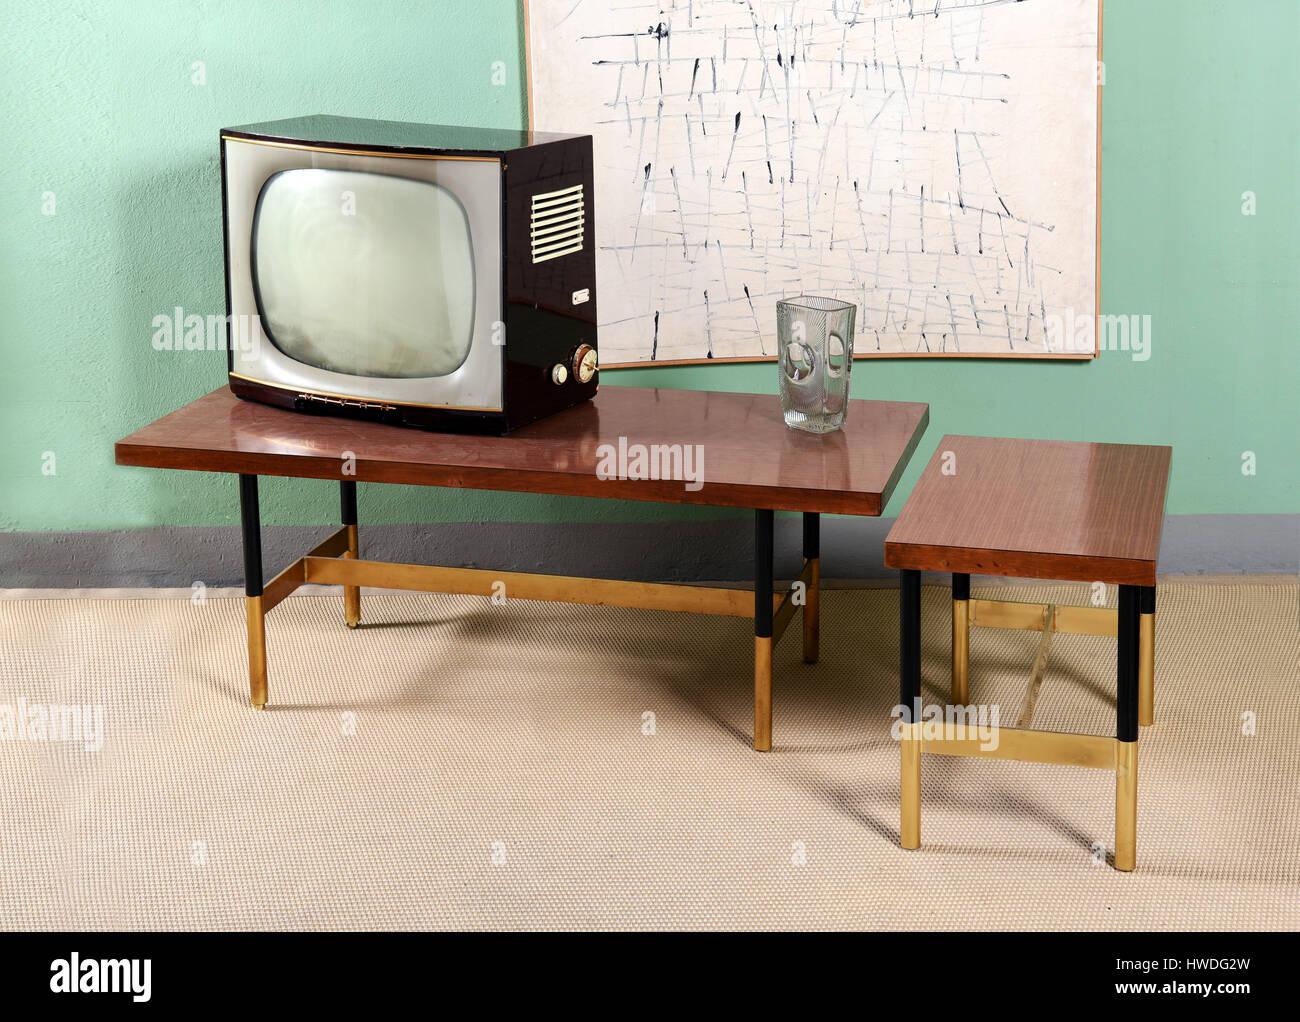 Retro Wohnzimmer Mit Möbeln Stillleben   Alten Fernseher Auf Tisch Mit  Glas Vase In Gemalten Grünen Raum Mit Abstrakten Wandkunst Und Beigen  Teppich